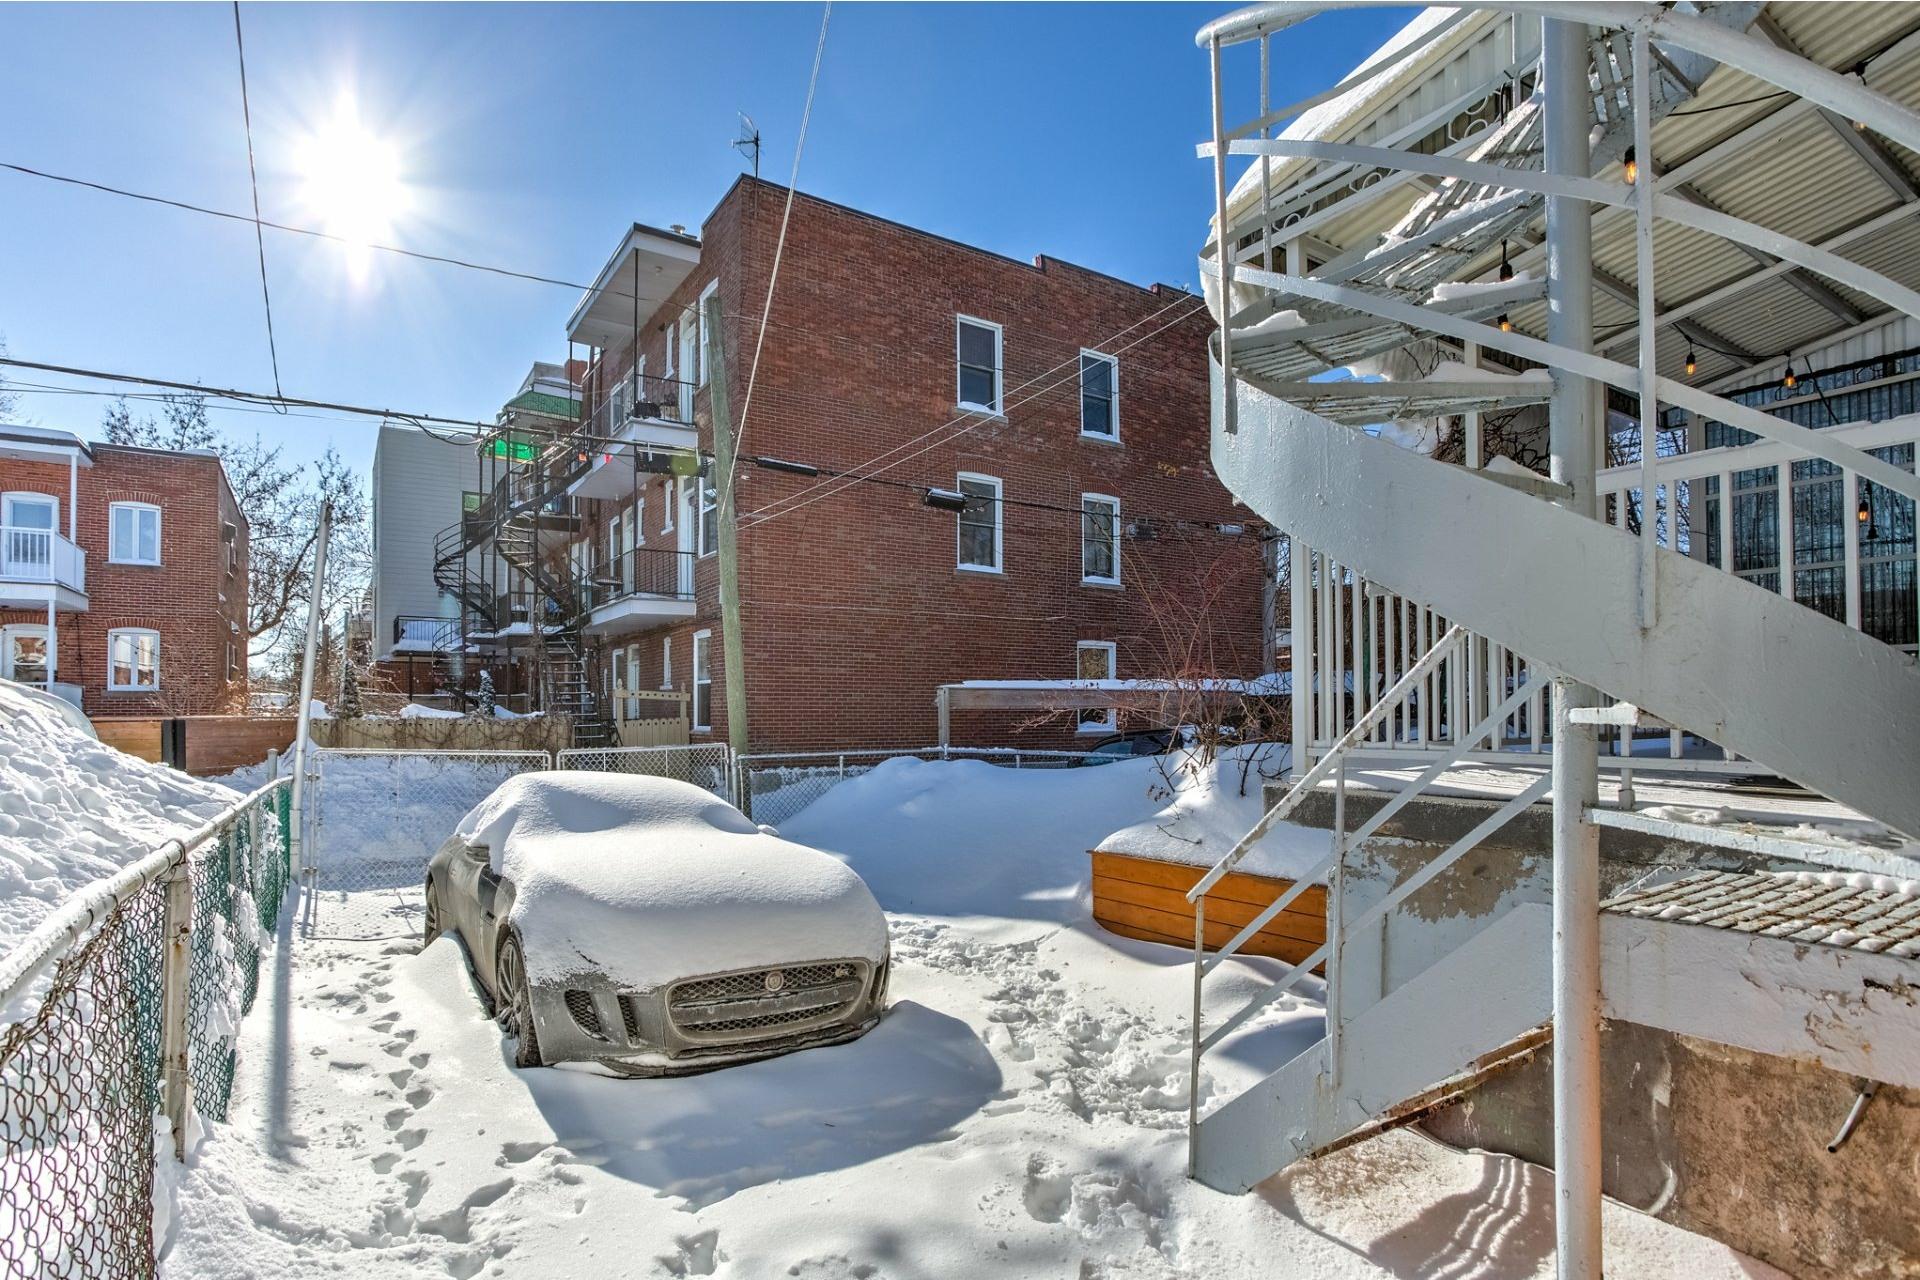 image 29 - Quadruplex À vendre Rosemont/La Petite-Patrie Montréal  - 5 pièces